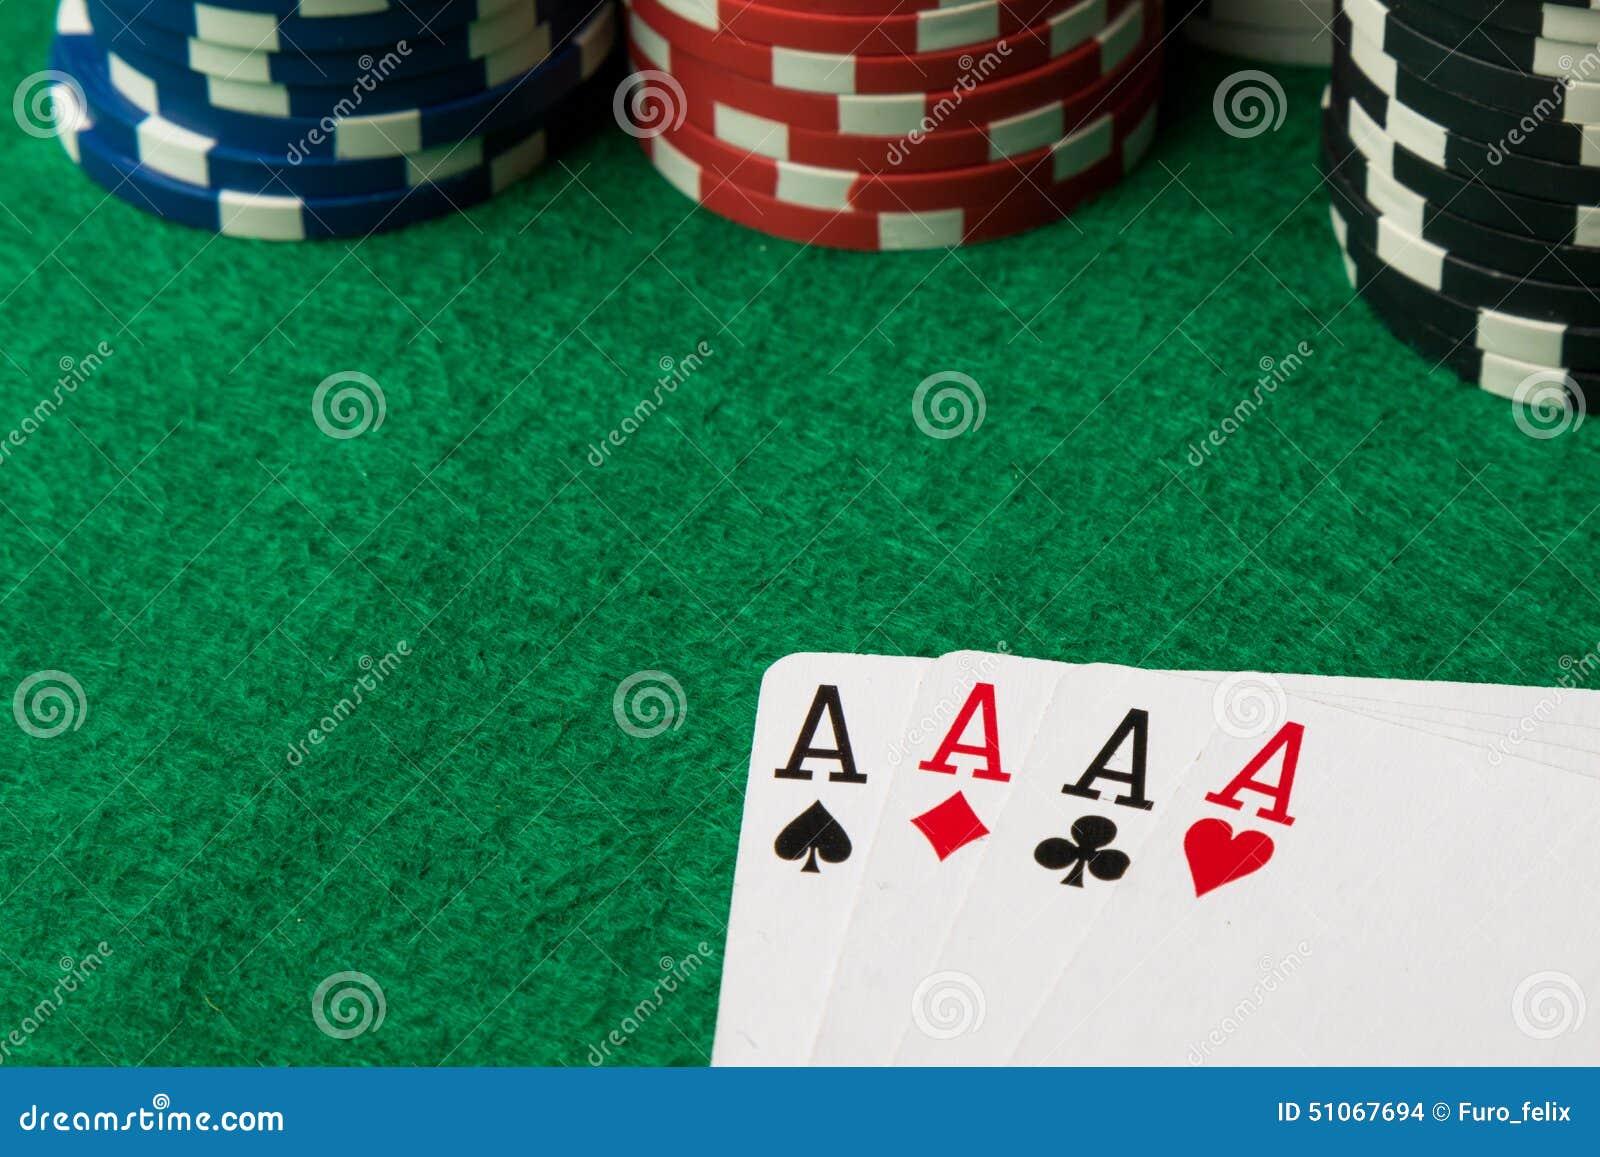 Quatro de áss de uma mão de pôquer do tipo